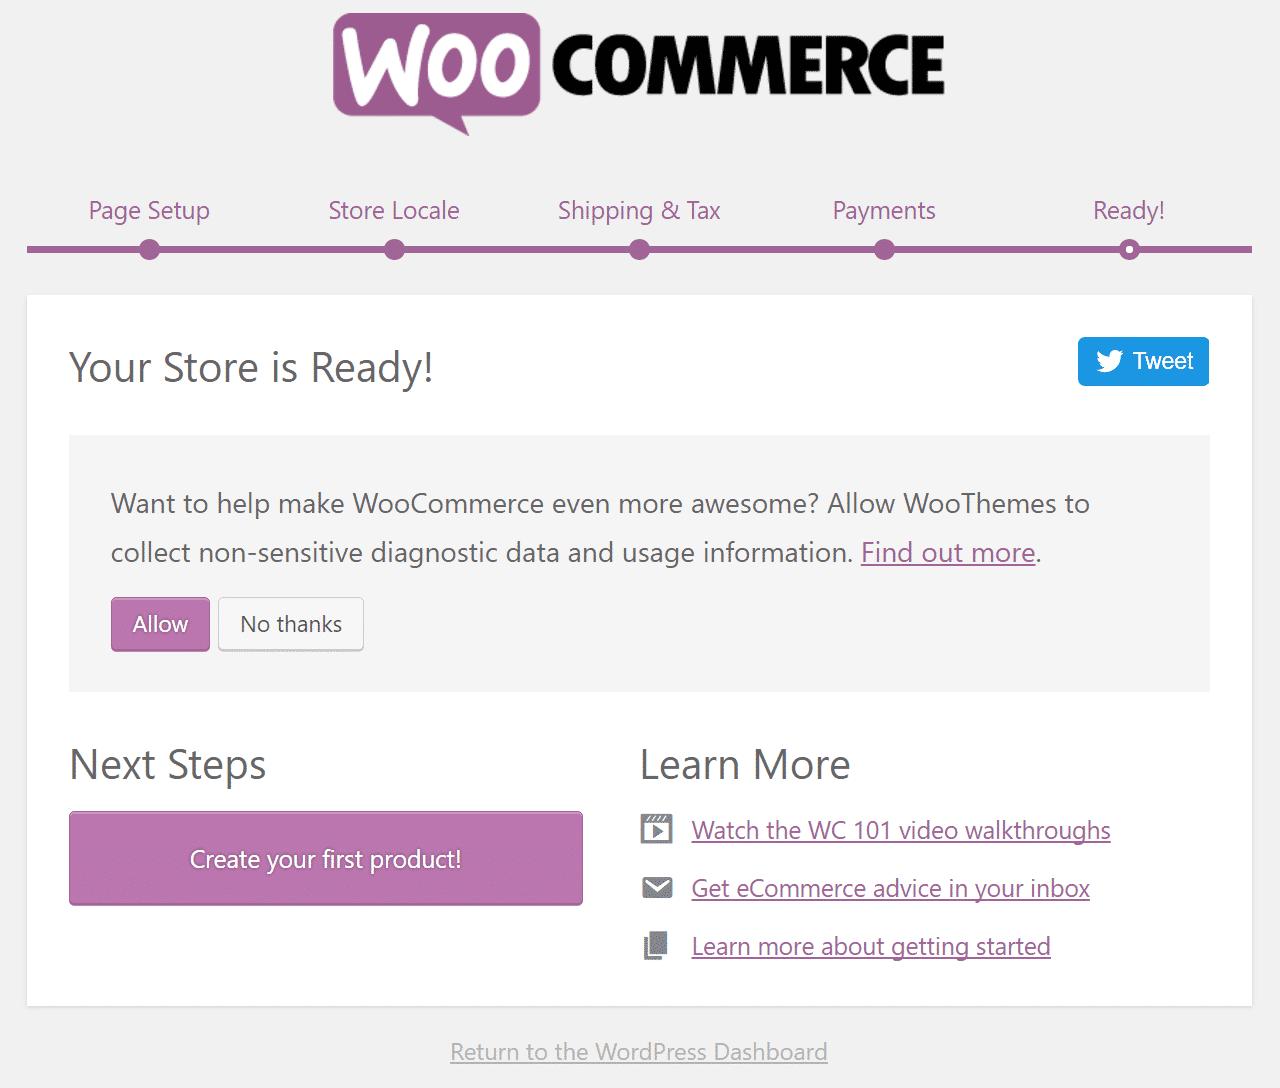 Dein WooCommerce Store ist jetzt bereit-Bestätigung